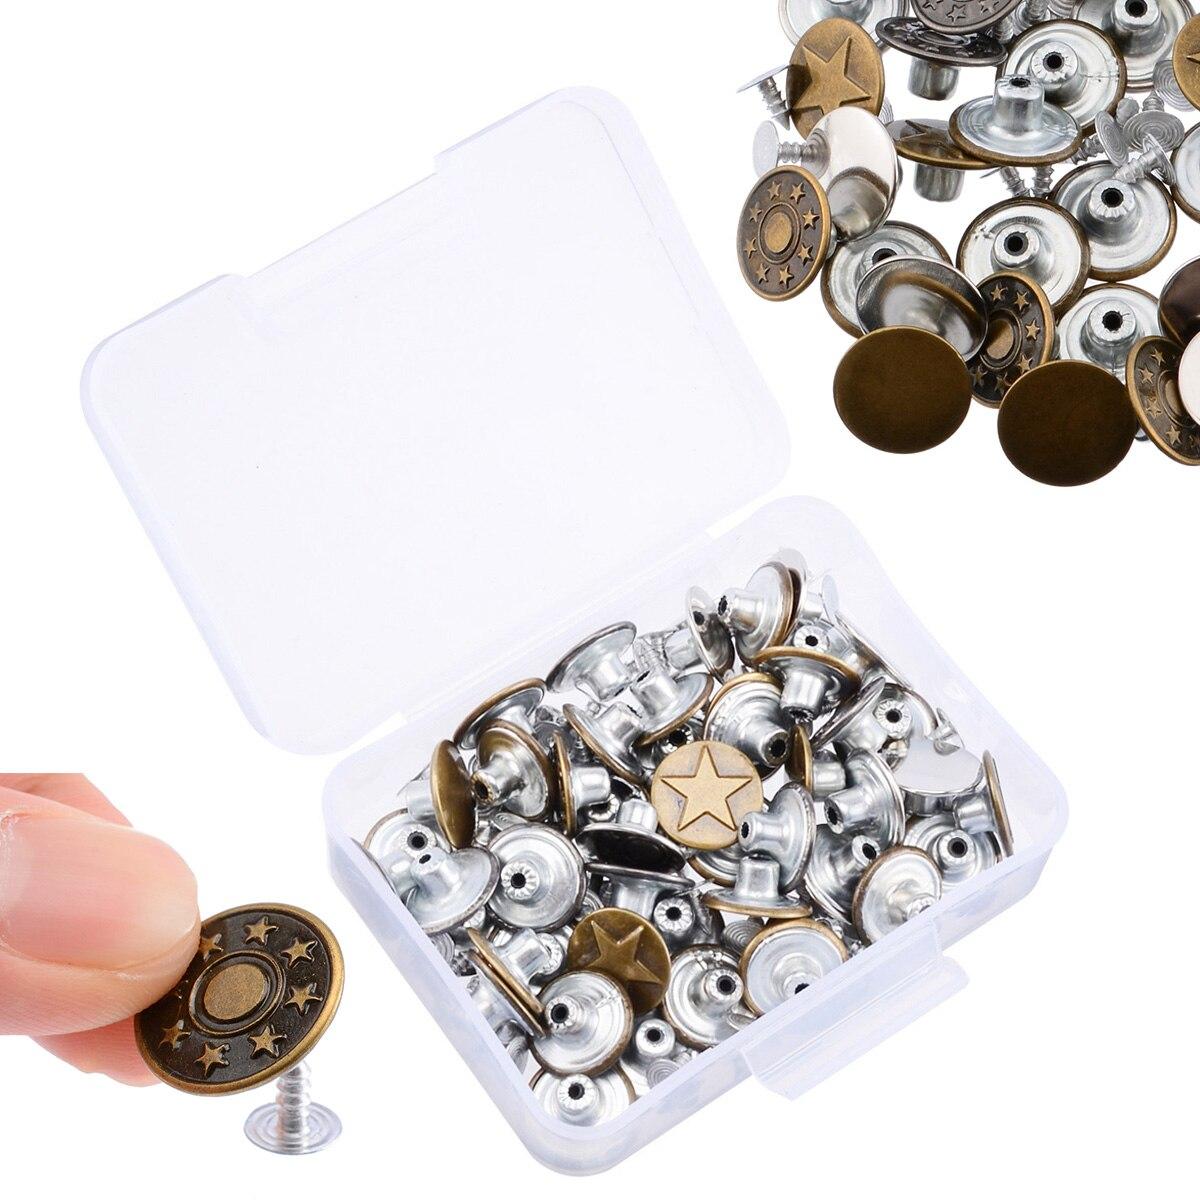 Ensemble de 5 boutons en jean   50 pièces/ensemble, boutons de veste en jean mélangés, bouton de Hosier en métal de 17mm, bouton de pression sans couture